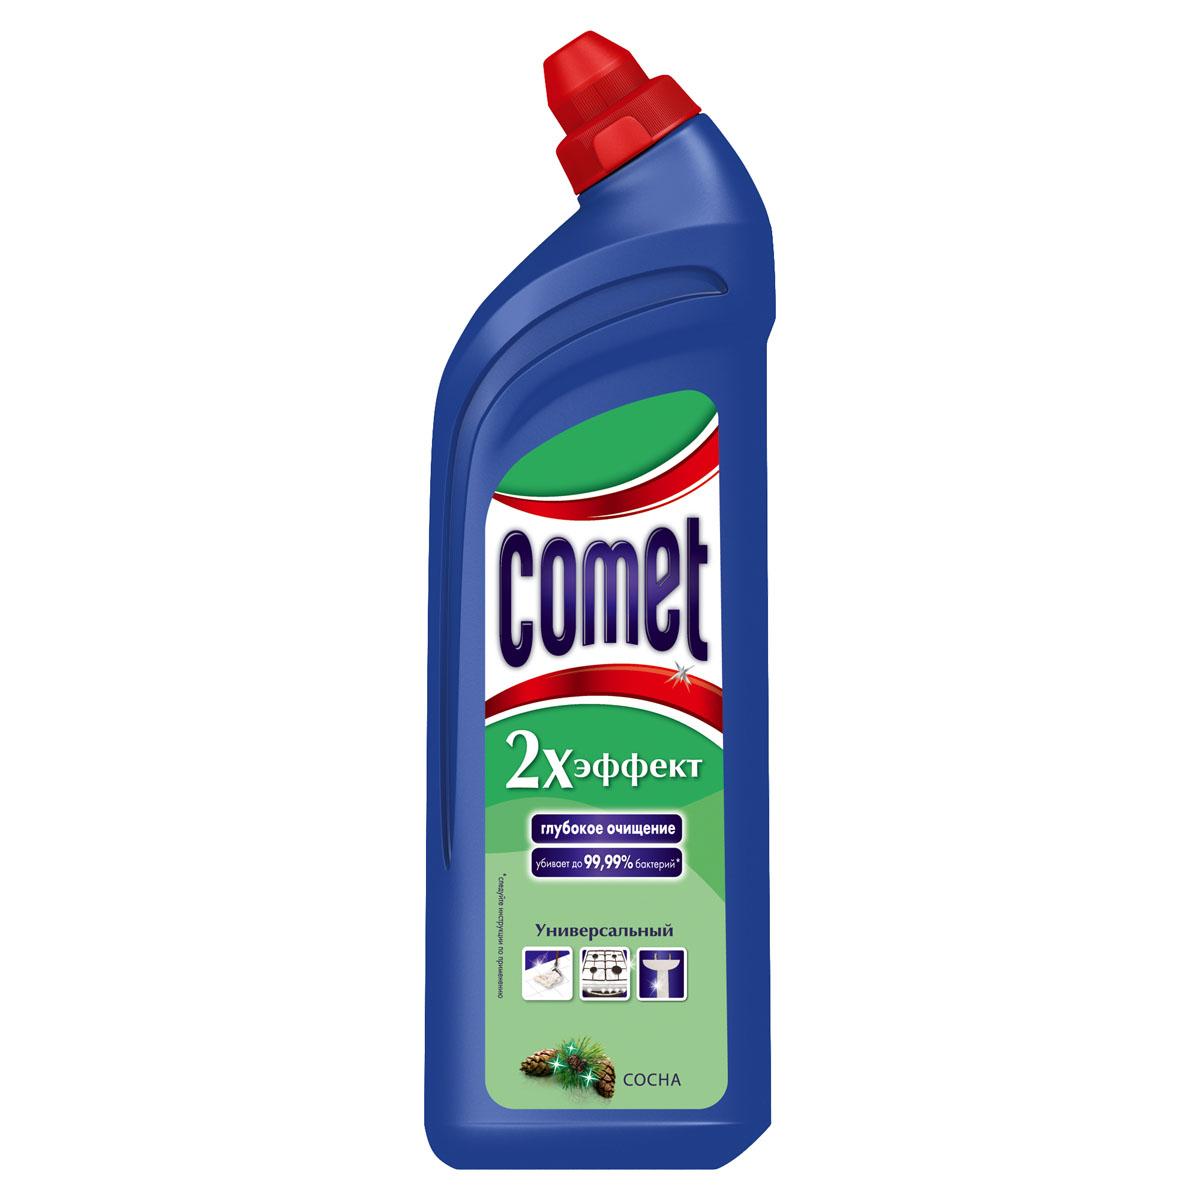 """Универсальный чистящий гель Comet """"Двойной эффект"""" предназначен для глубокого очищения поверхностей.   Эффективно удаляет повседневные загрязнения и обычный жир во всем доме, а также дезинфицирует   поверхности. Средство подходит для плит (в том числе стеклокерамических), ванн, раковин, унитазов, кафеля,   мытья полов. Обладает приятным ароматом сосны.    Характеристики:  Состав: Объем: 1 л.   Товар сертифицирован.    Уважаемые клиенты!  Обращаем ваше внимание на возможные изменения в дизайне упаковки. Качественные характеристики товара   остаются неизменными. Поставка осуществляется в зависимости от наличия на складе.      Как выбрать качественную бытовую химию, безопасную для природы и людей. Статья OZON Гид"""